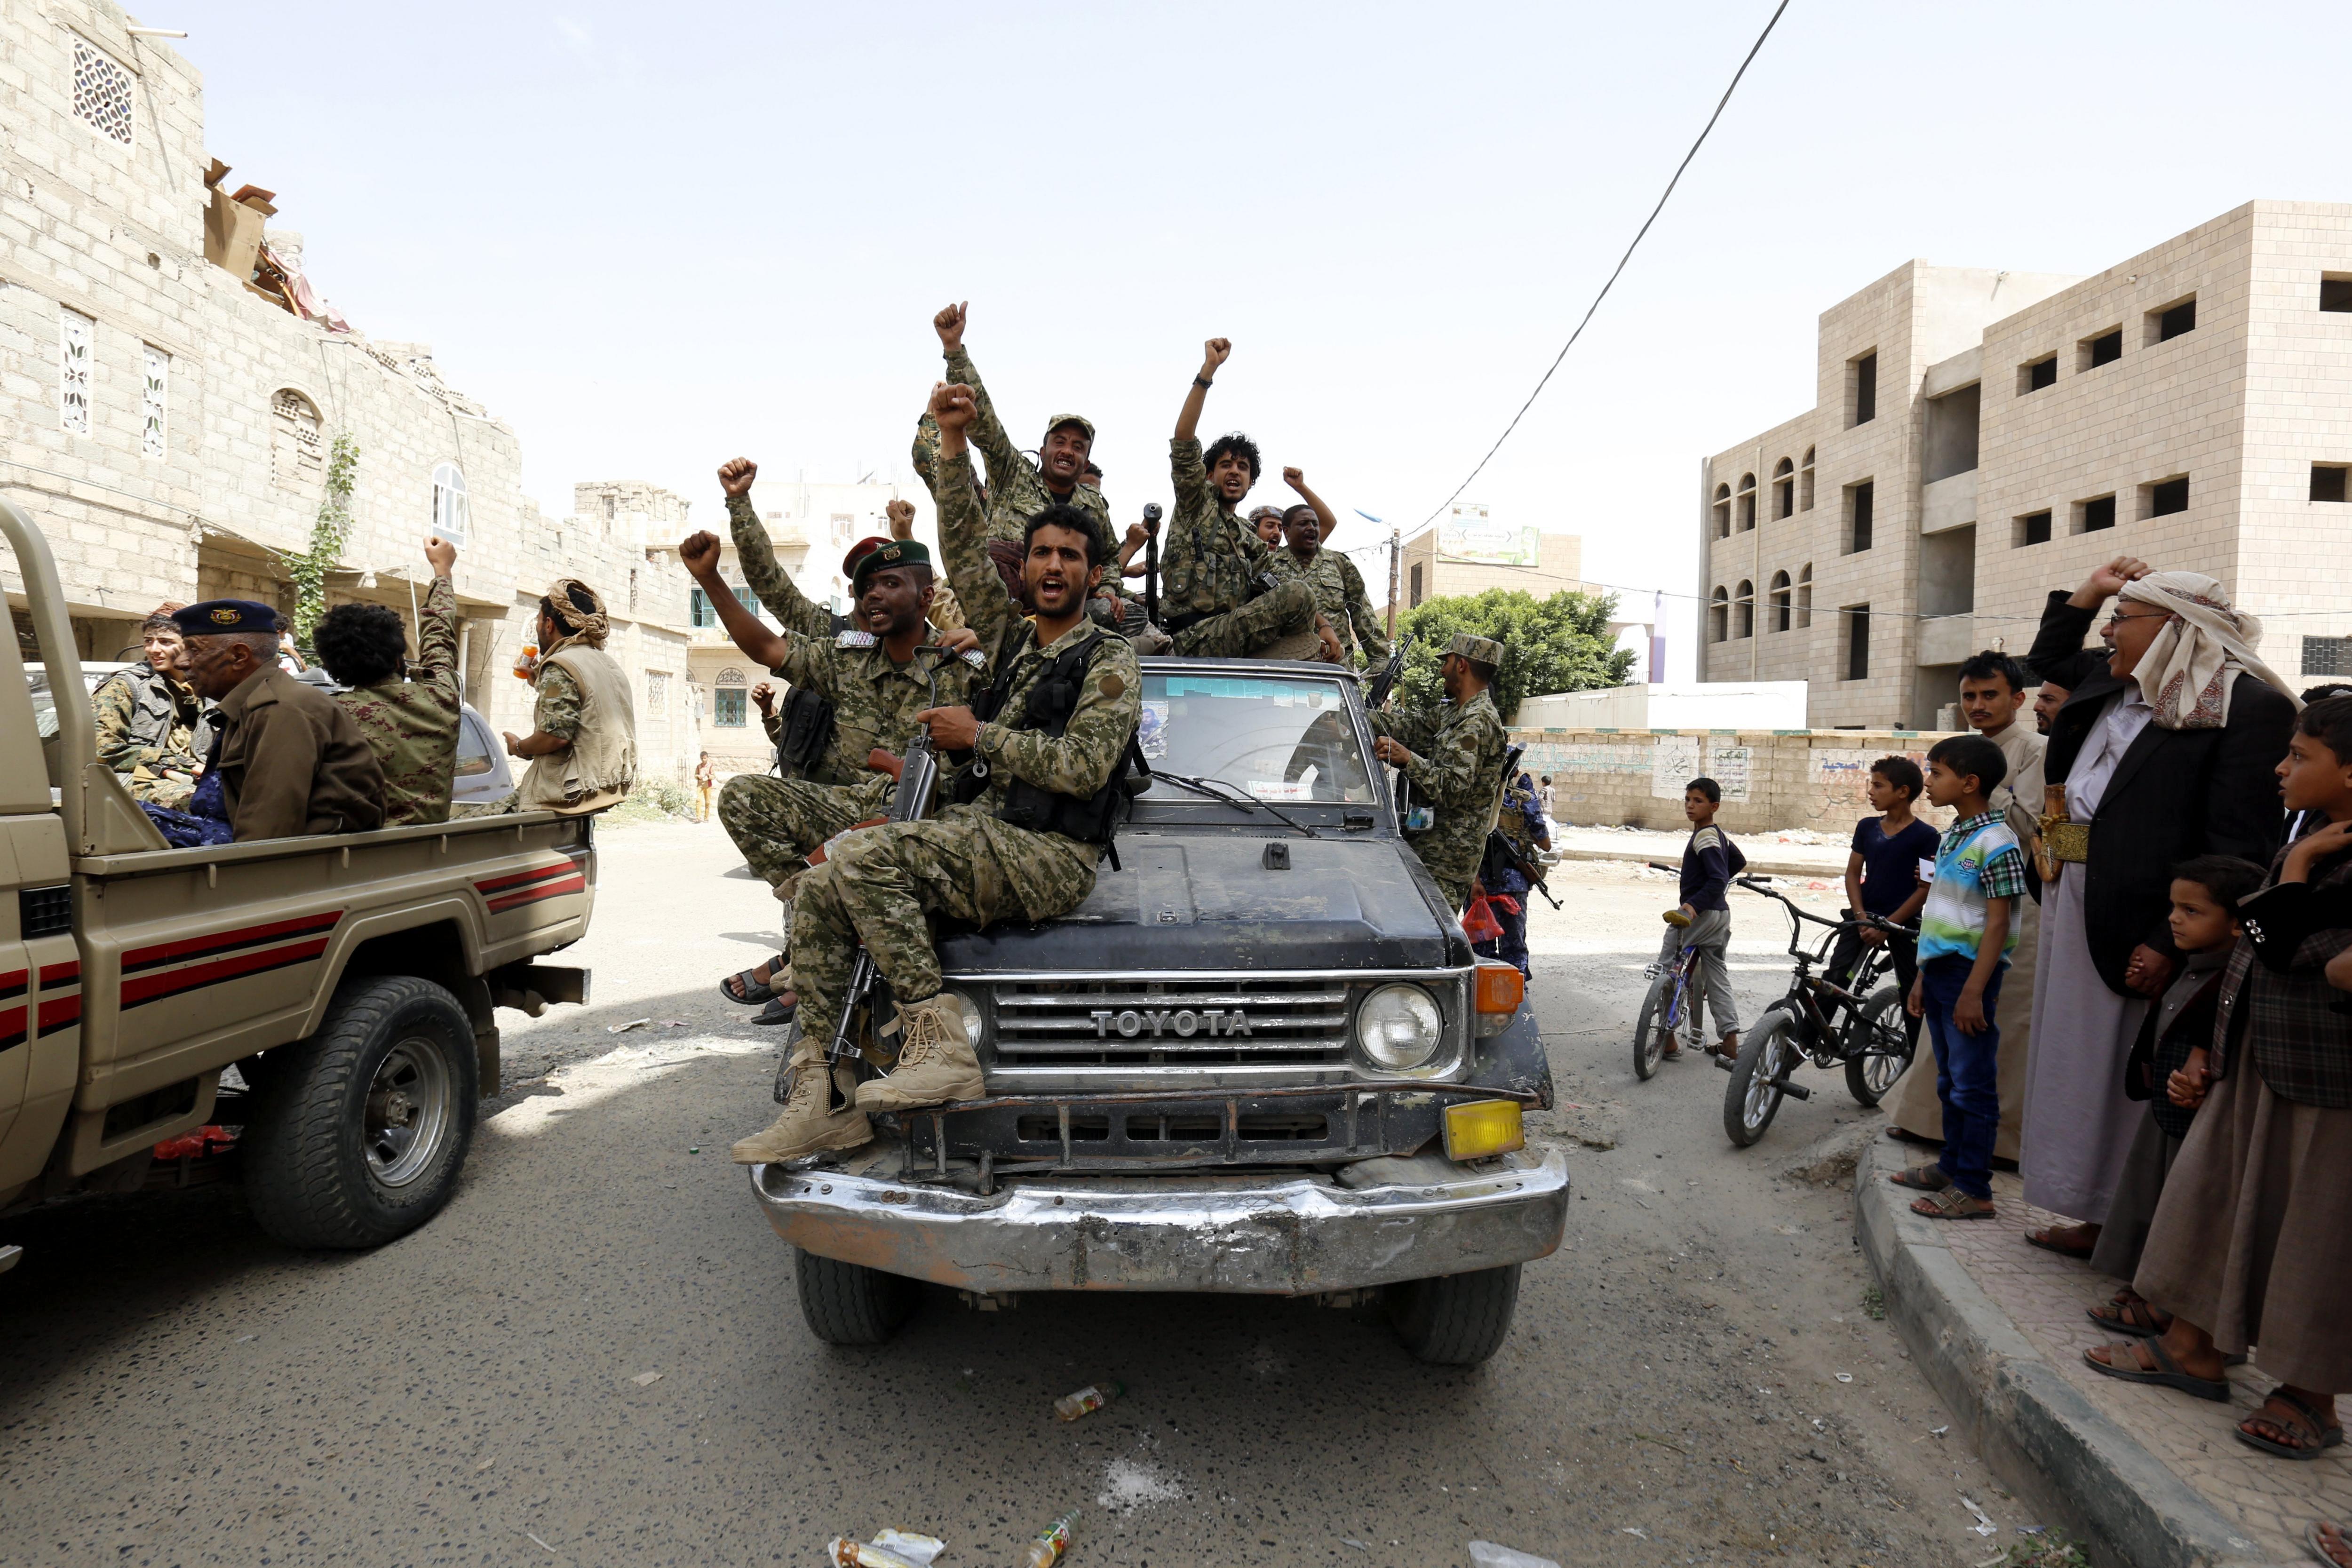 Nous combatents reclutats per rebels per lluitar contra la coalició liderada per Aràbia Saudita, romanen agrupats a Saná, Iemen. /YAHYA ARHAB